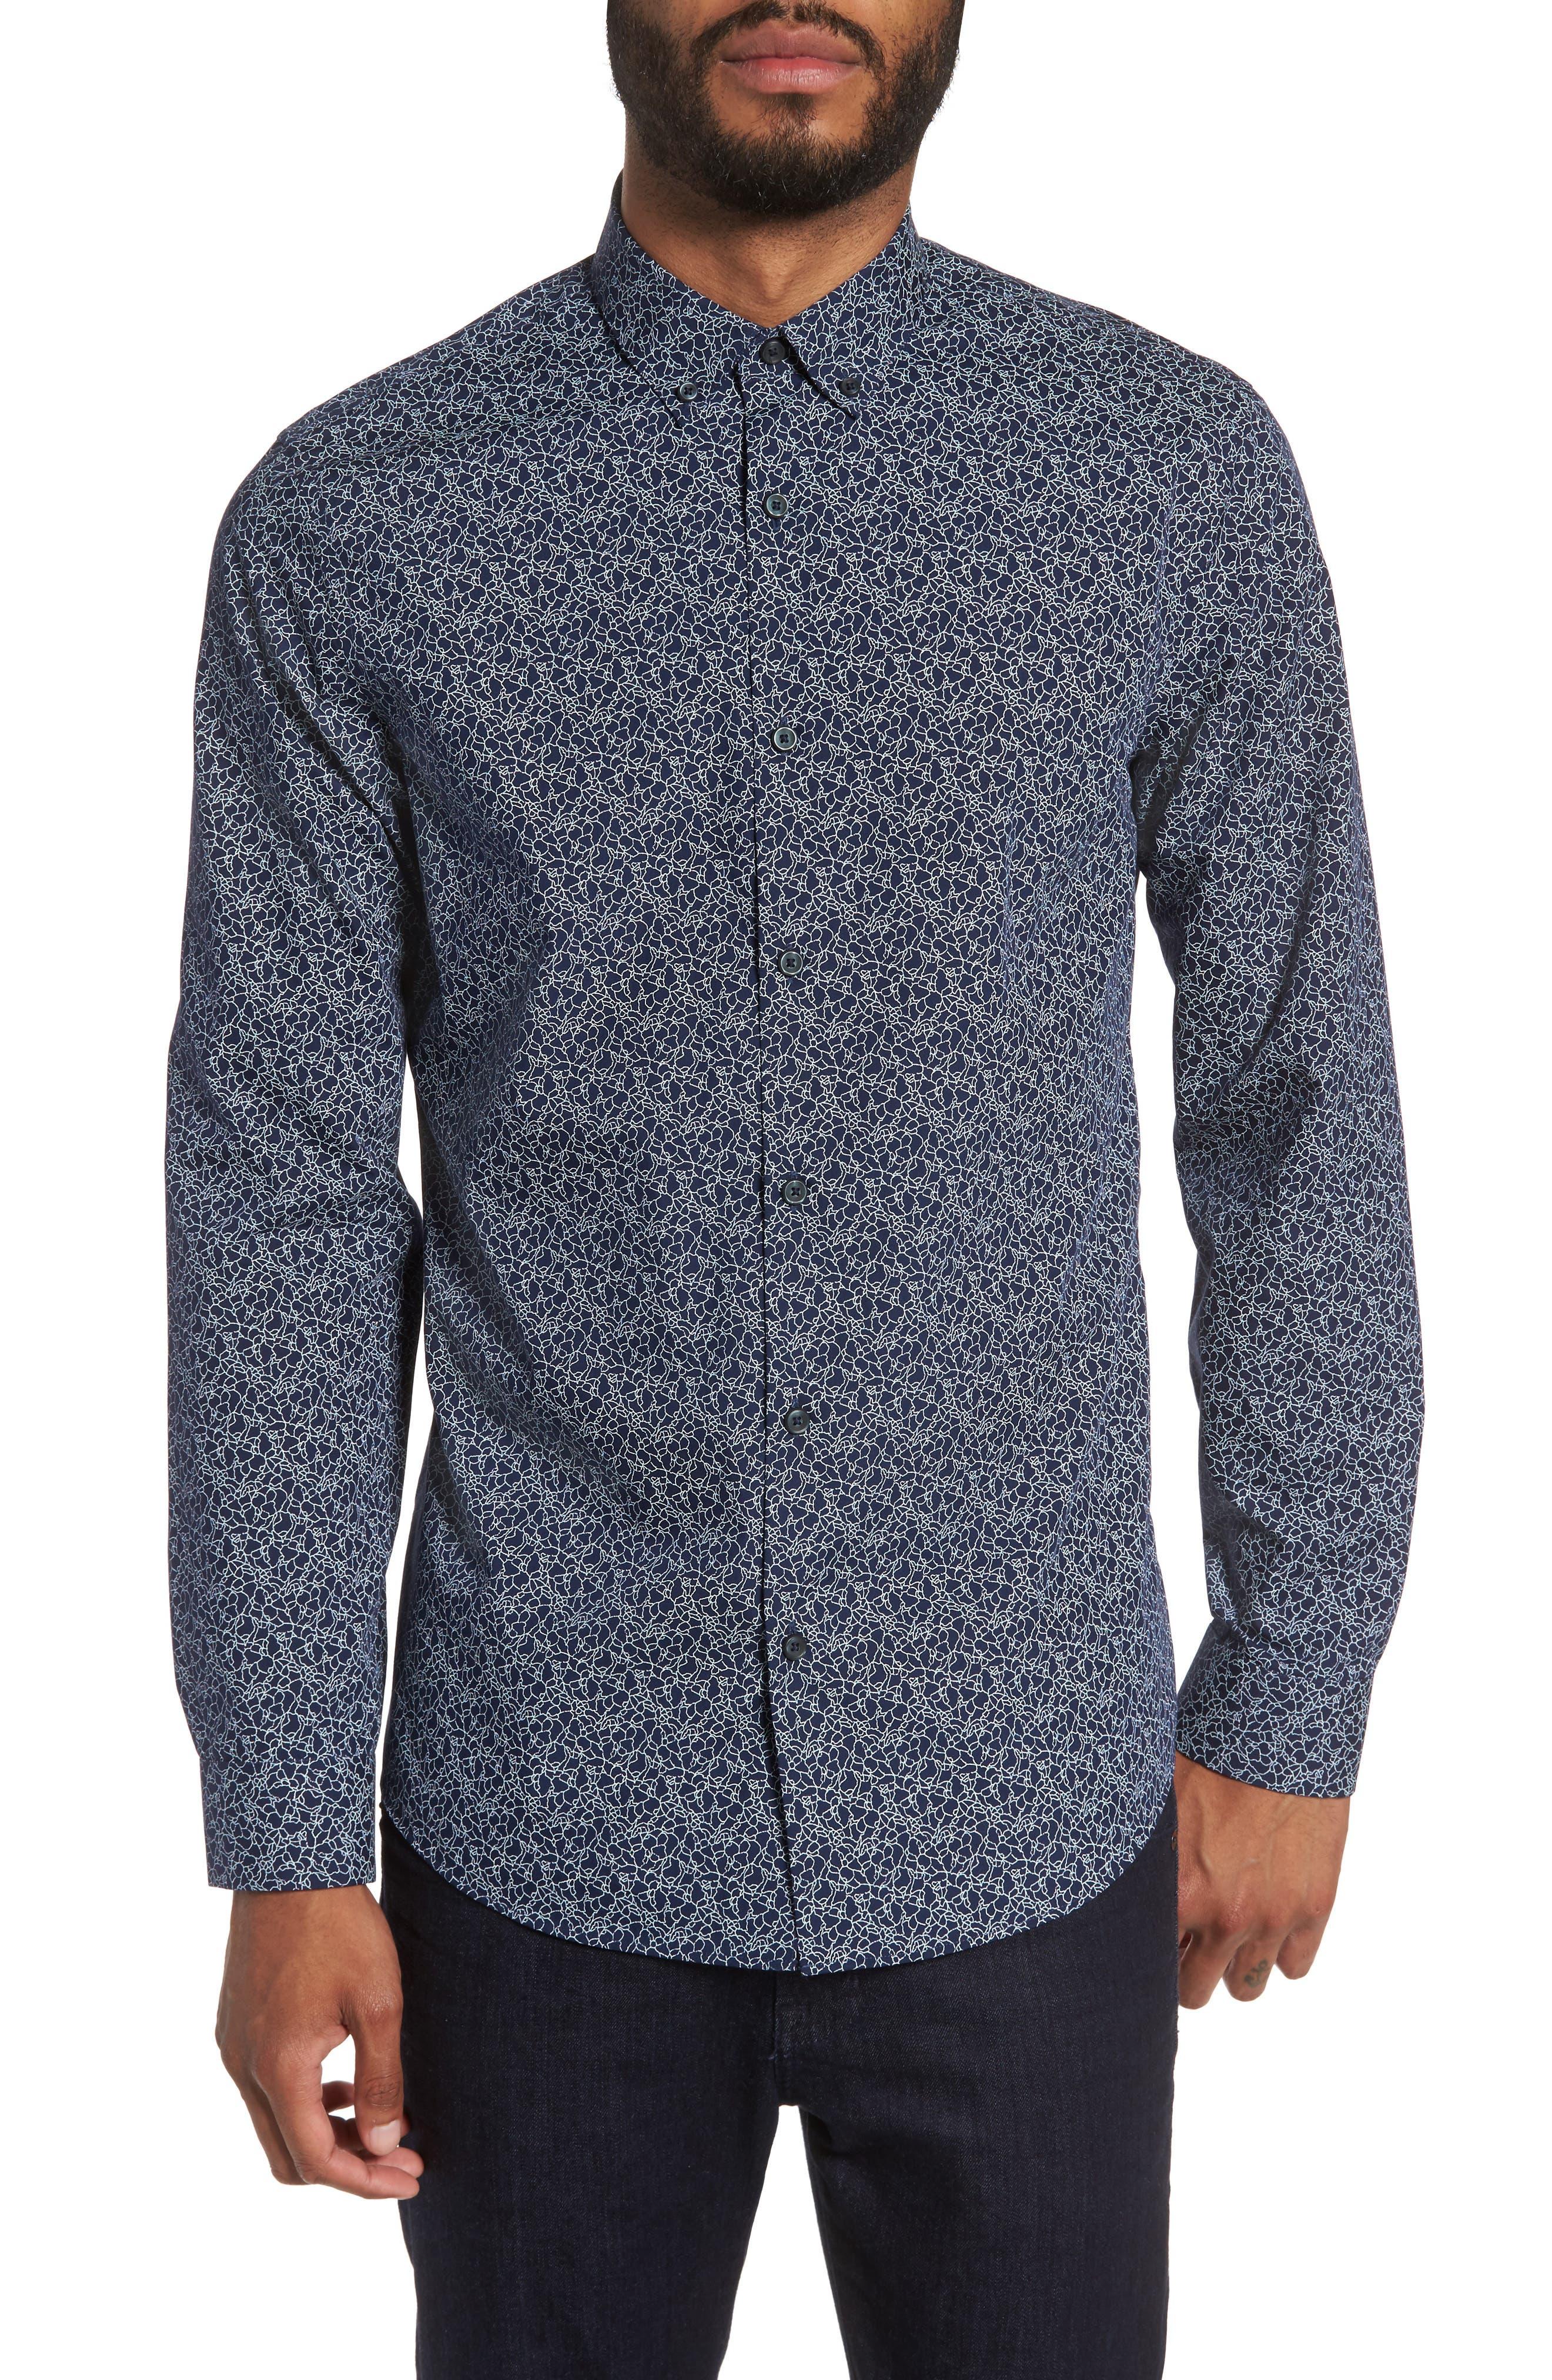 Main Image - Calibrate Slim Fit Print Sport Shirt